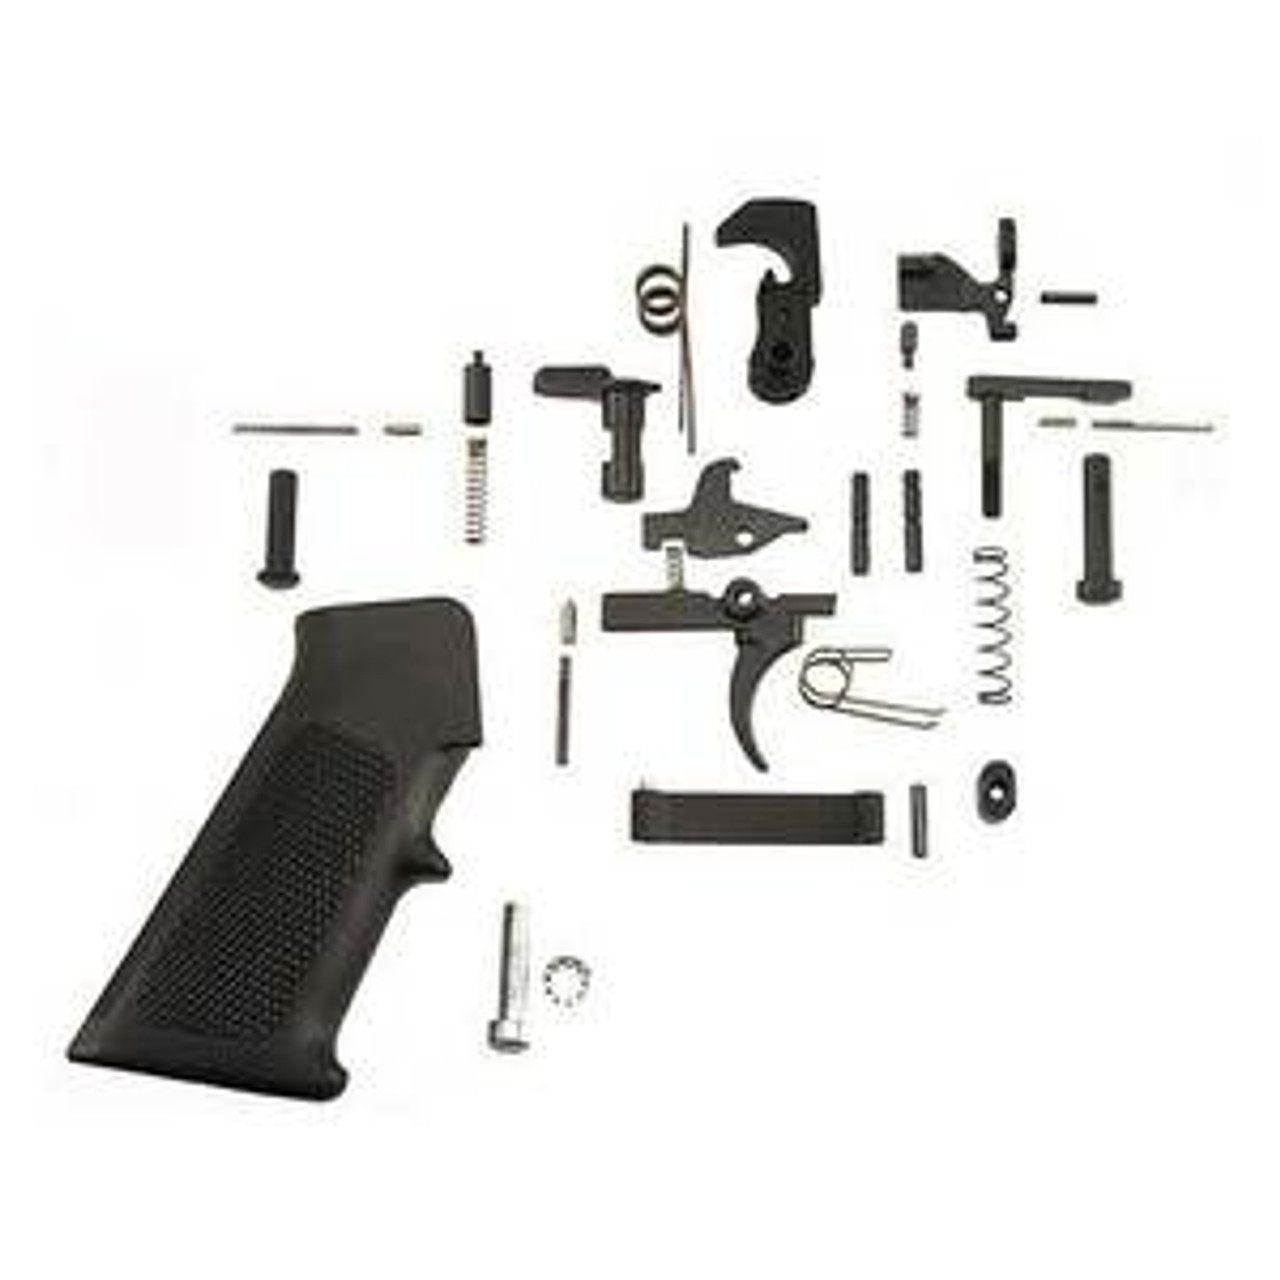 RRA Standard Lower Parts Kit